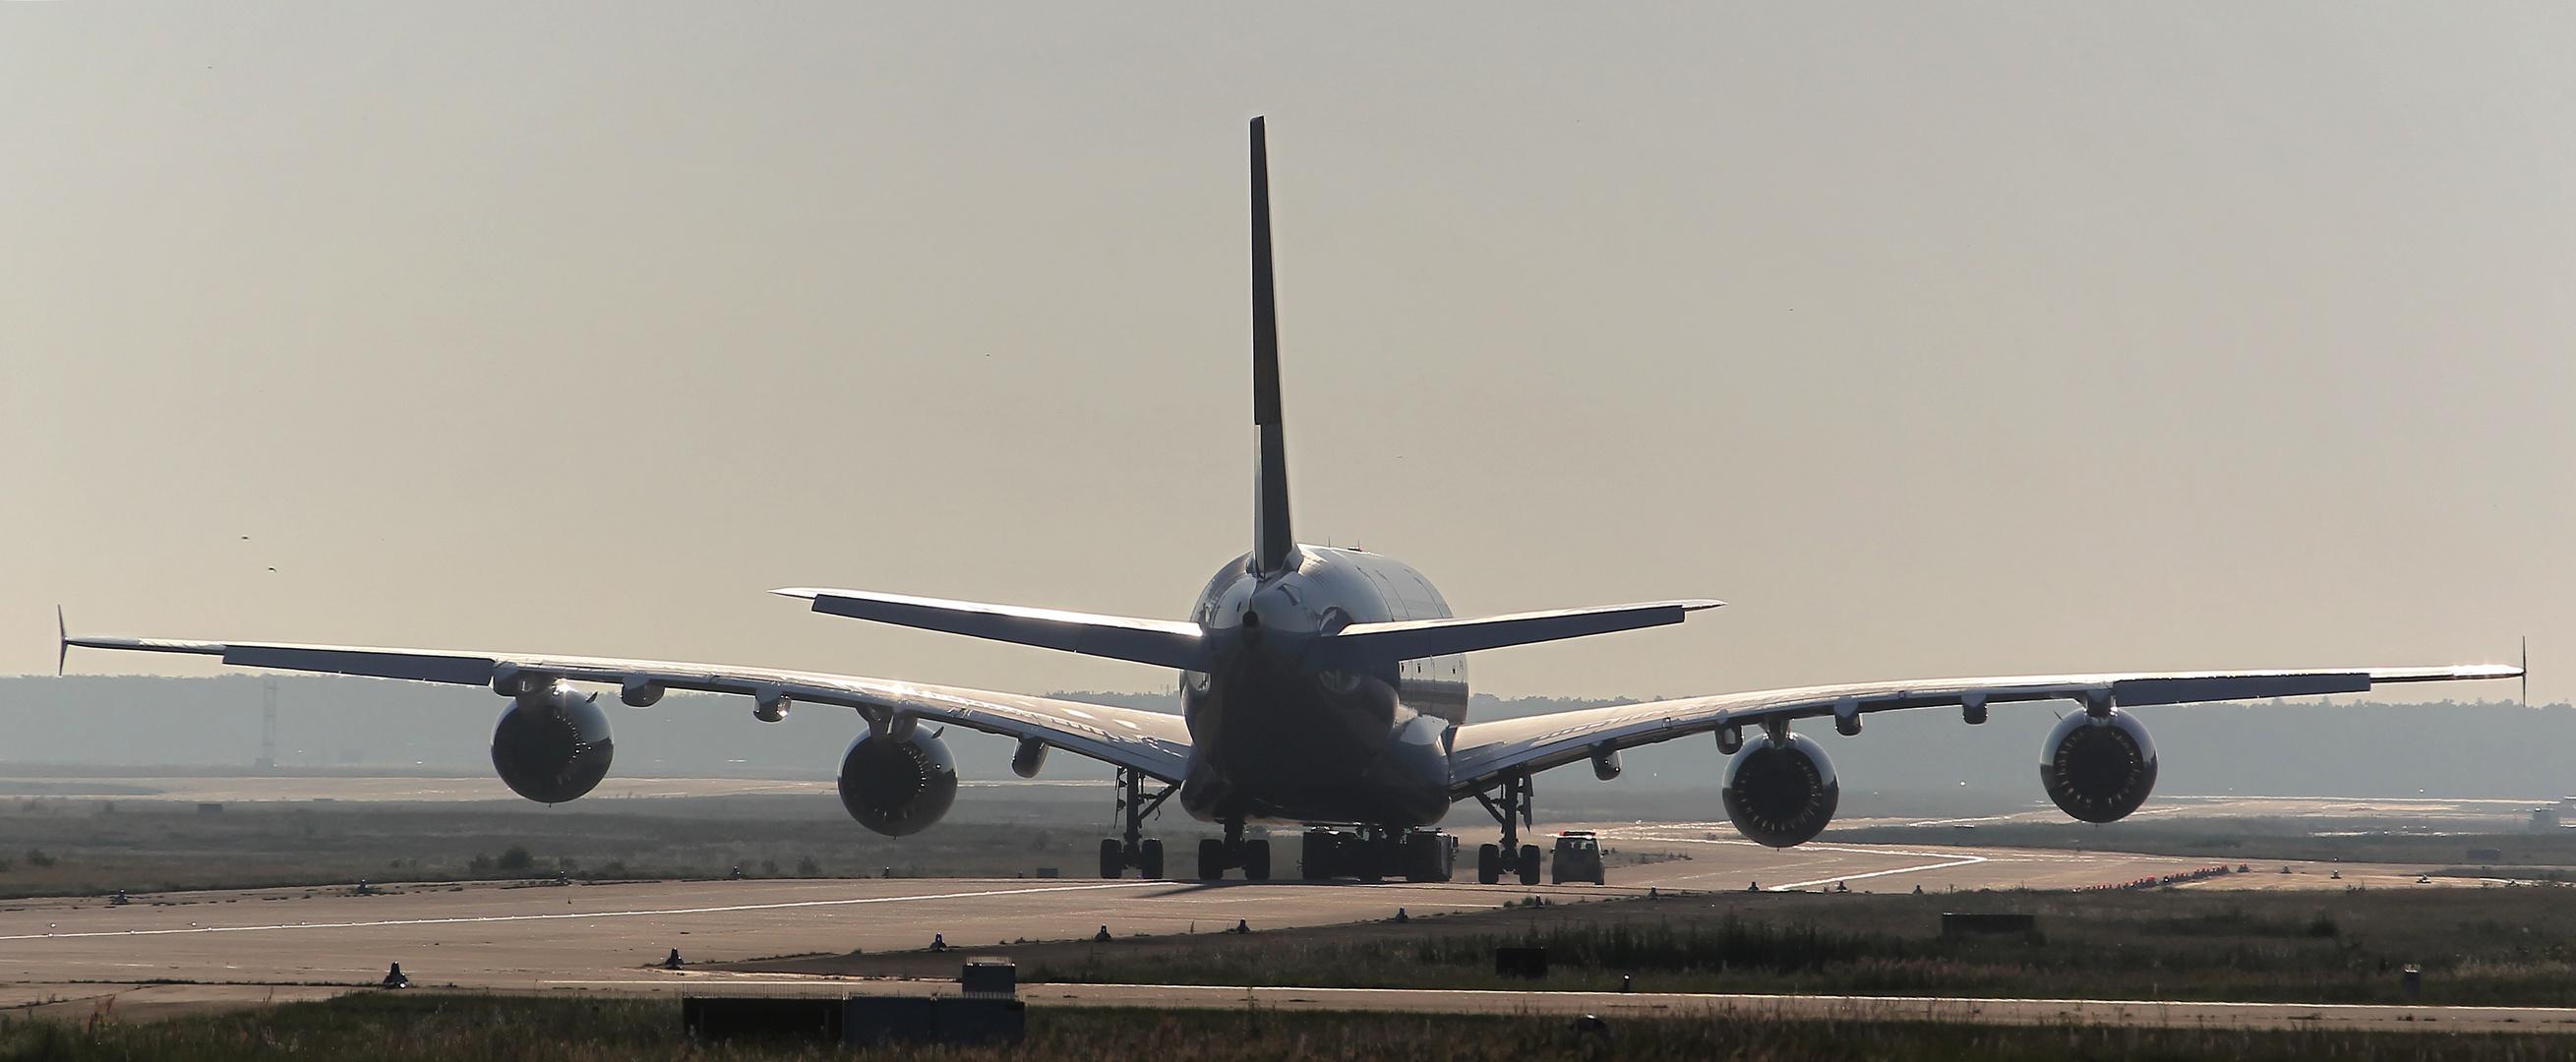 Auf dem Weg zur A380 Werft